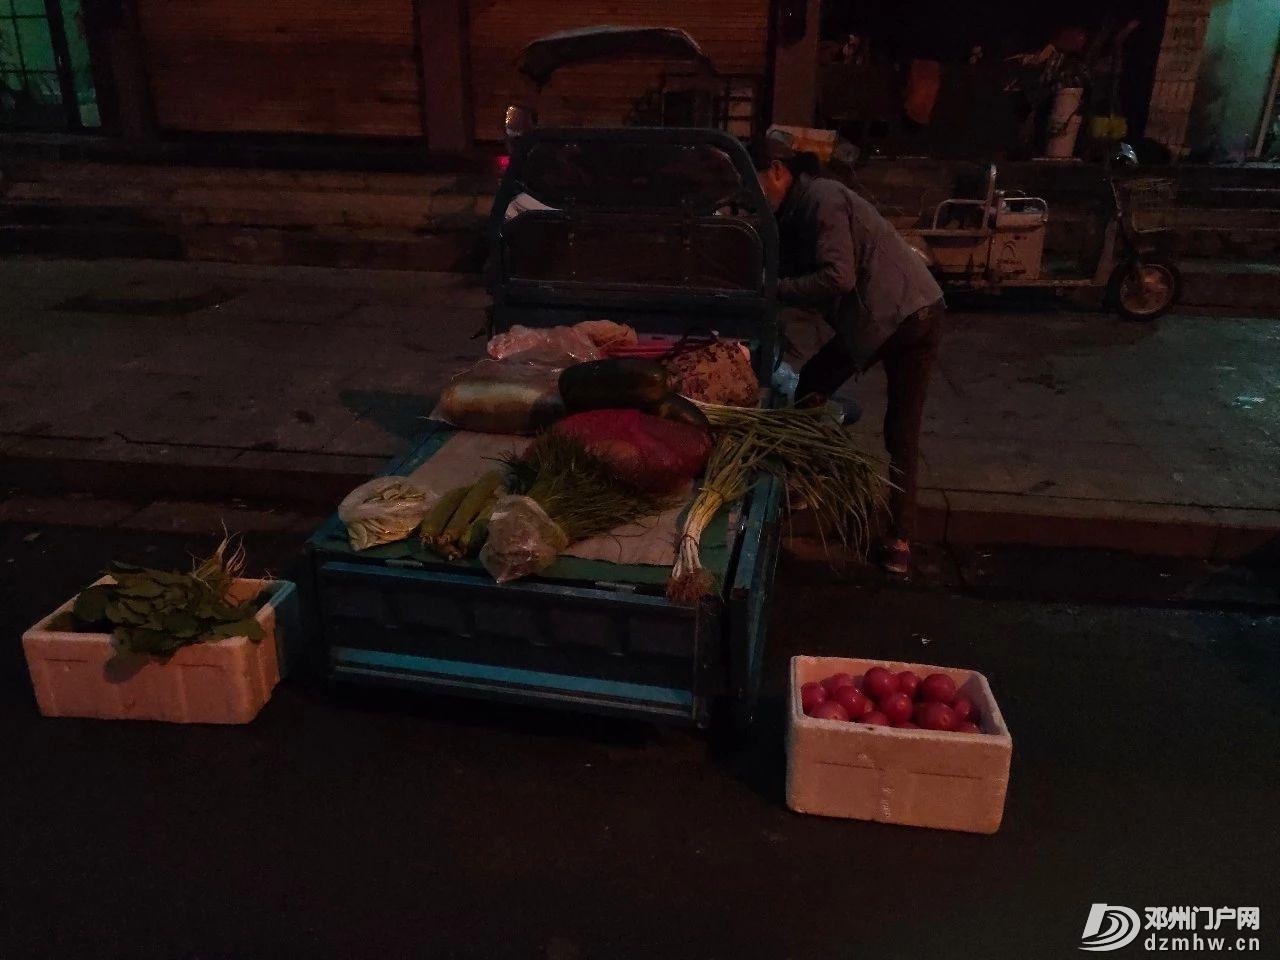 最新!凌晨6点,邓州菜市场拍到的一幕… - 邓州门户网 邓州网 - d3a58c78194a68f66786be1a191c980a.jpg